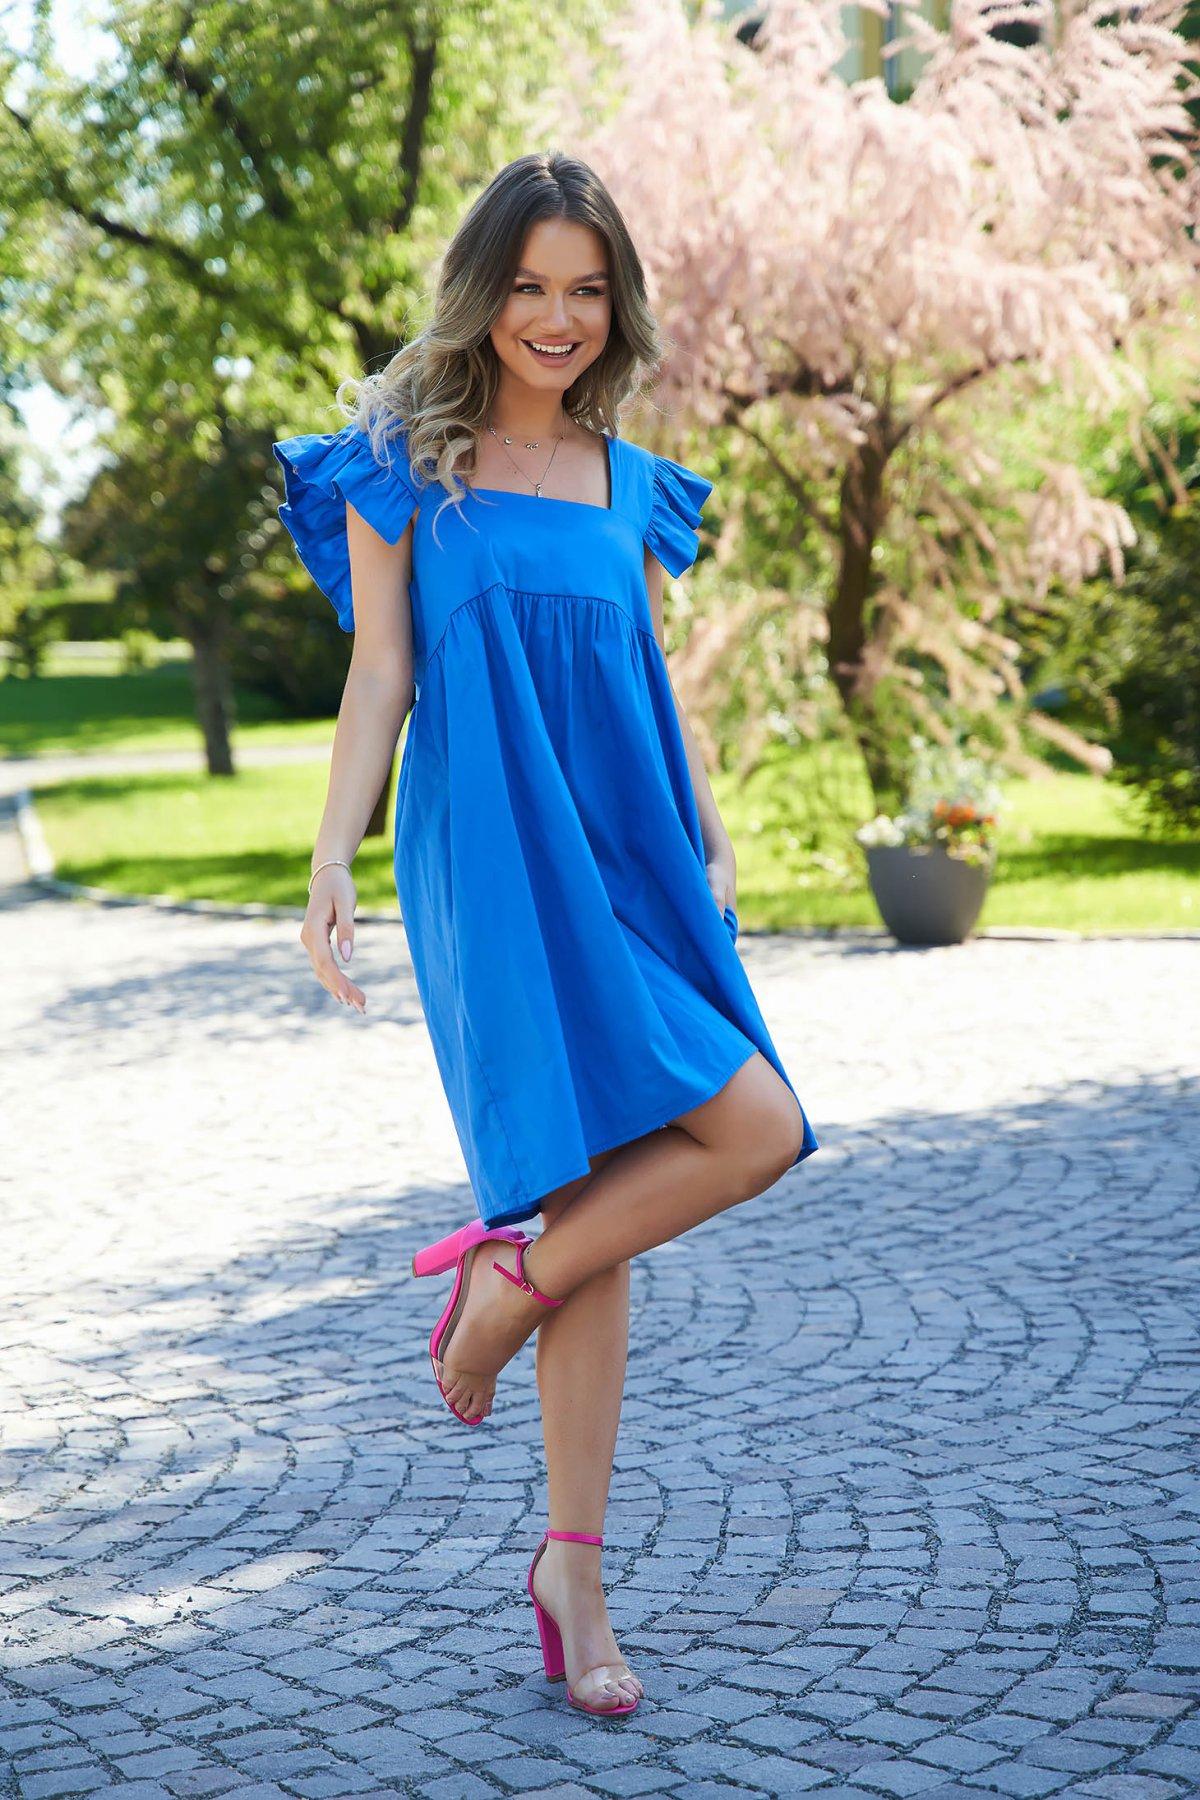 Rochie SunShine albastra din poplin cu croi larg cu volanase cu decolteu adanc patrat - medelin.ro